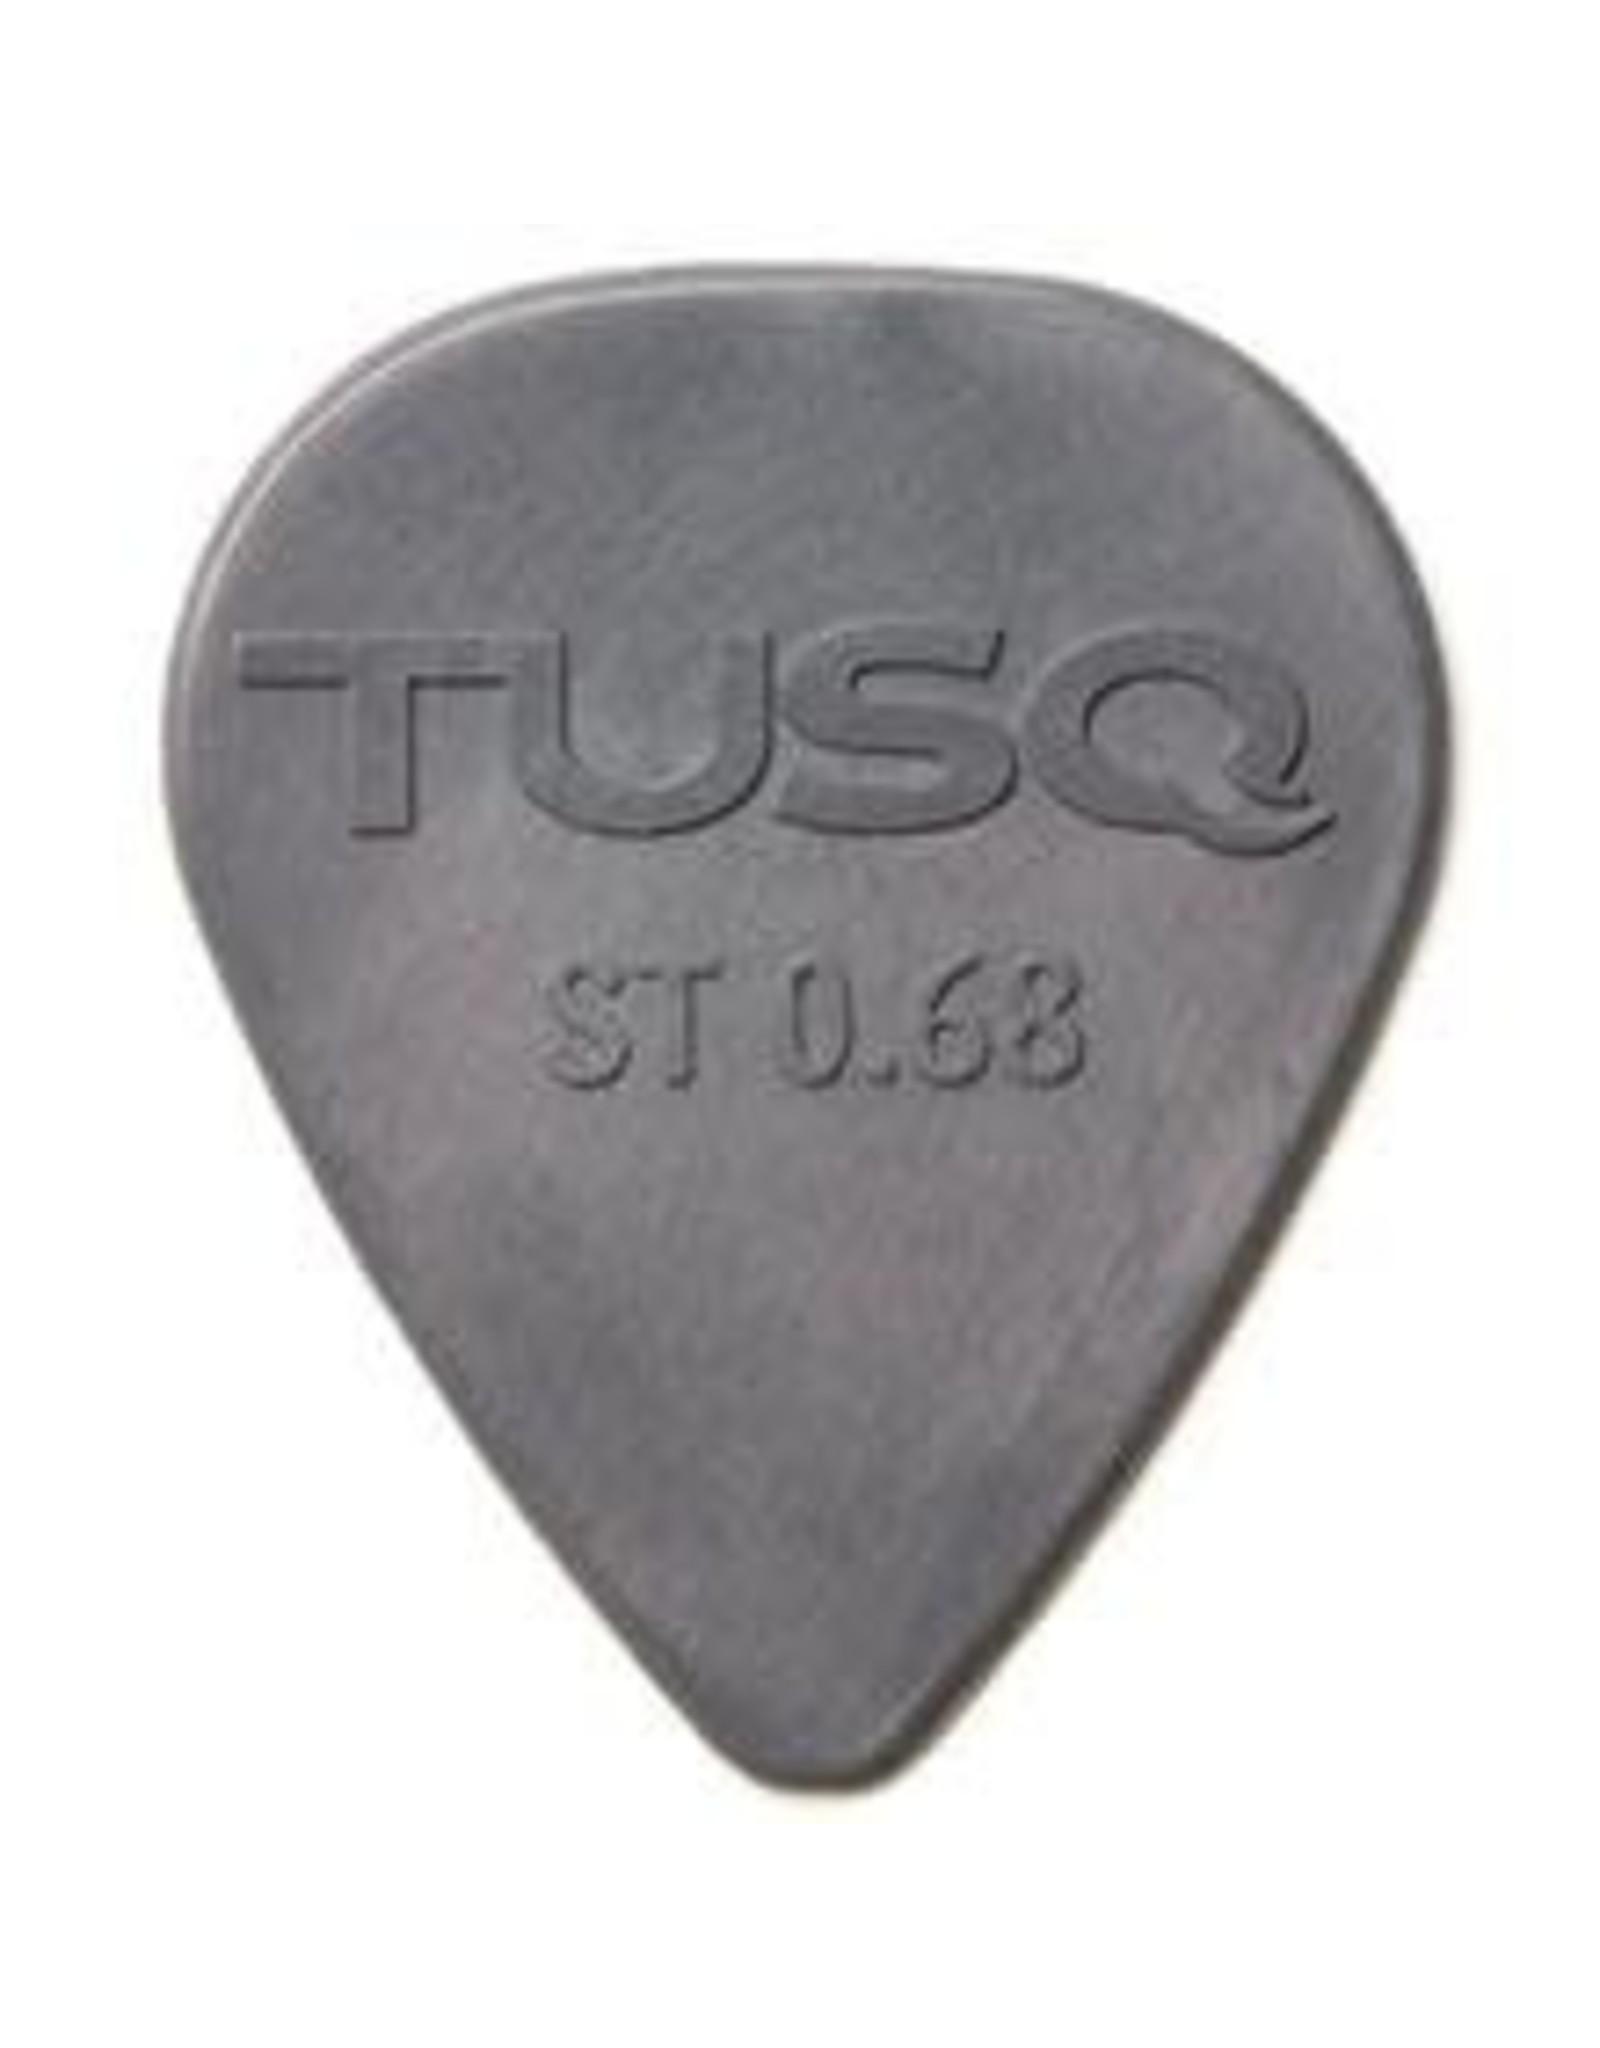 TUSQ TUSQ Stardard Pick 0.68mm DEEP - 6 PACK